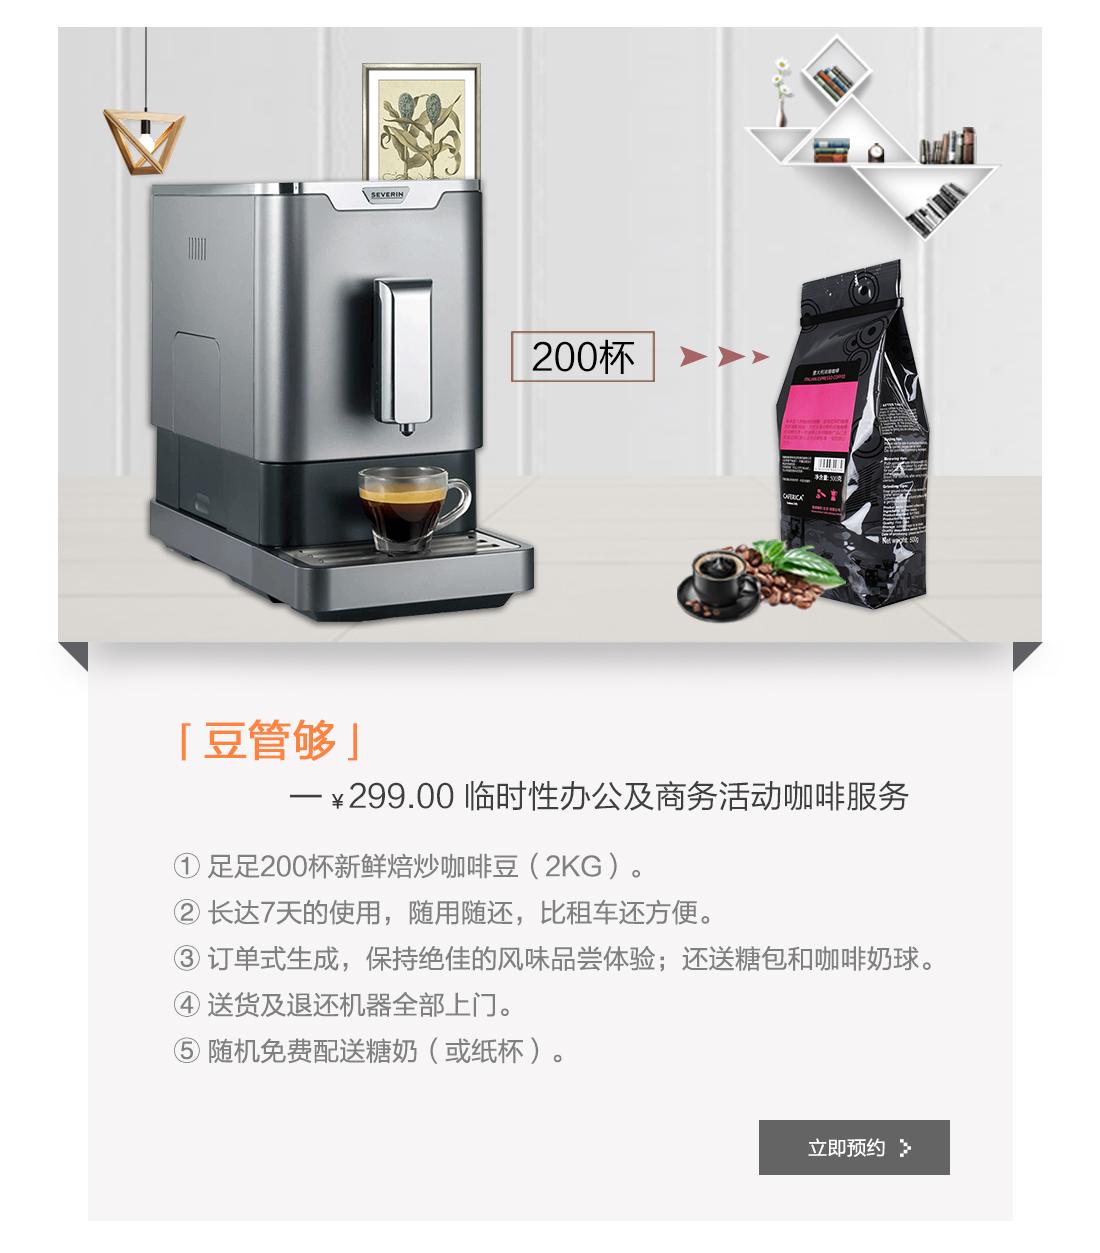 咖啡机服务二级页面(手机端)_02